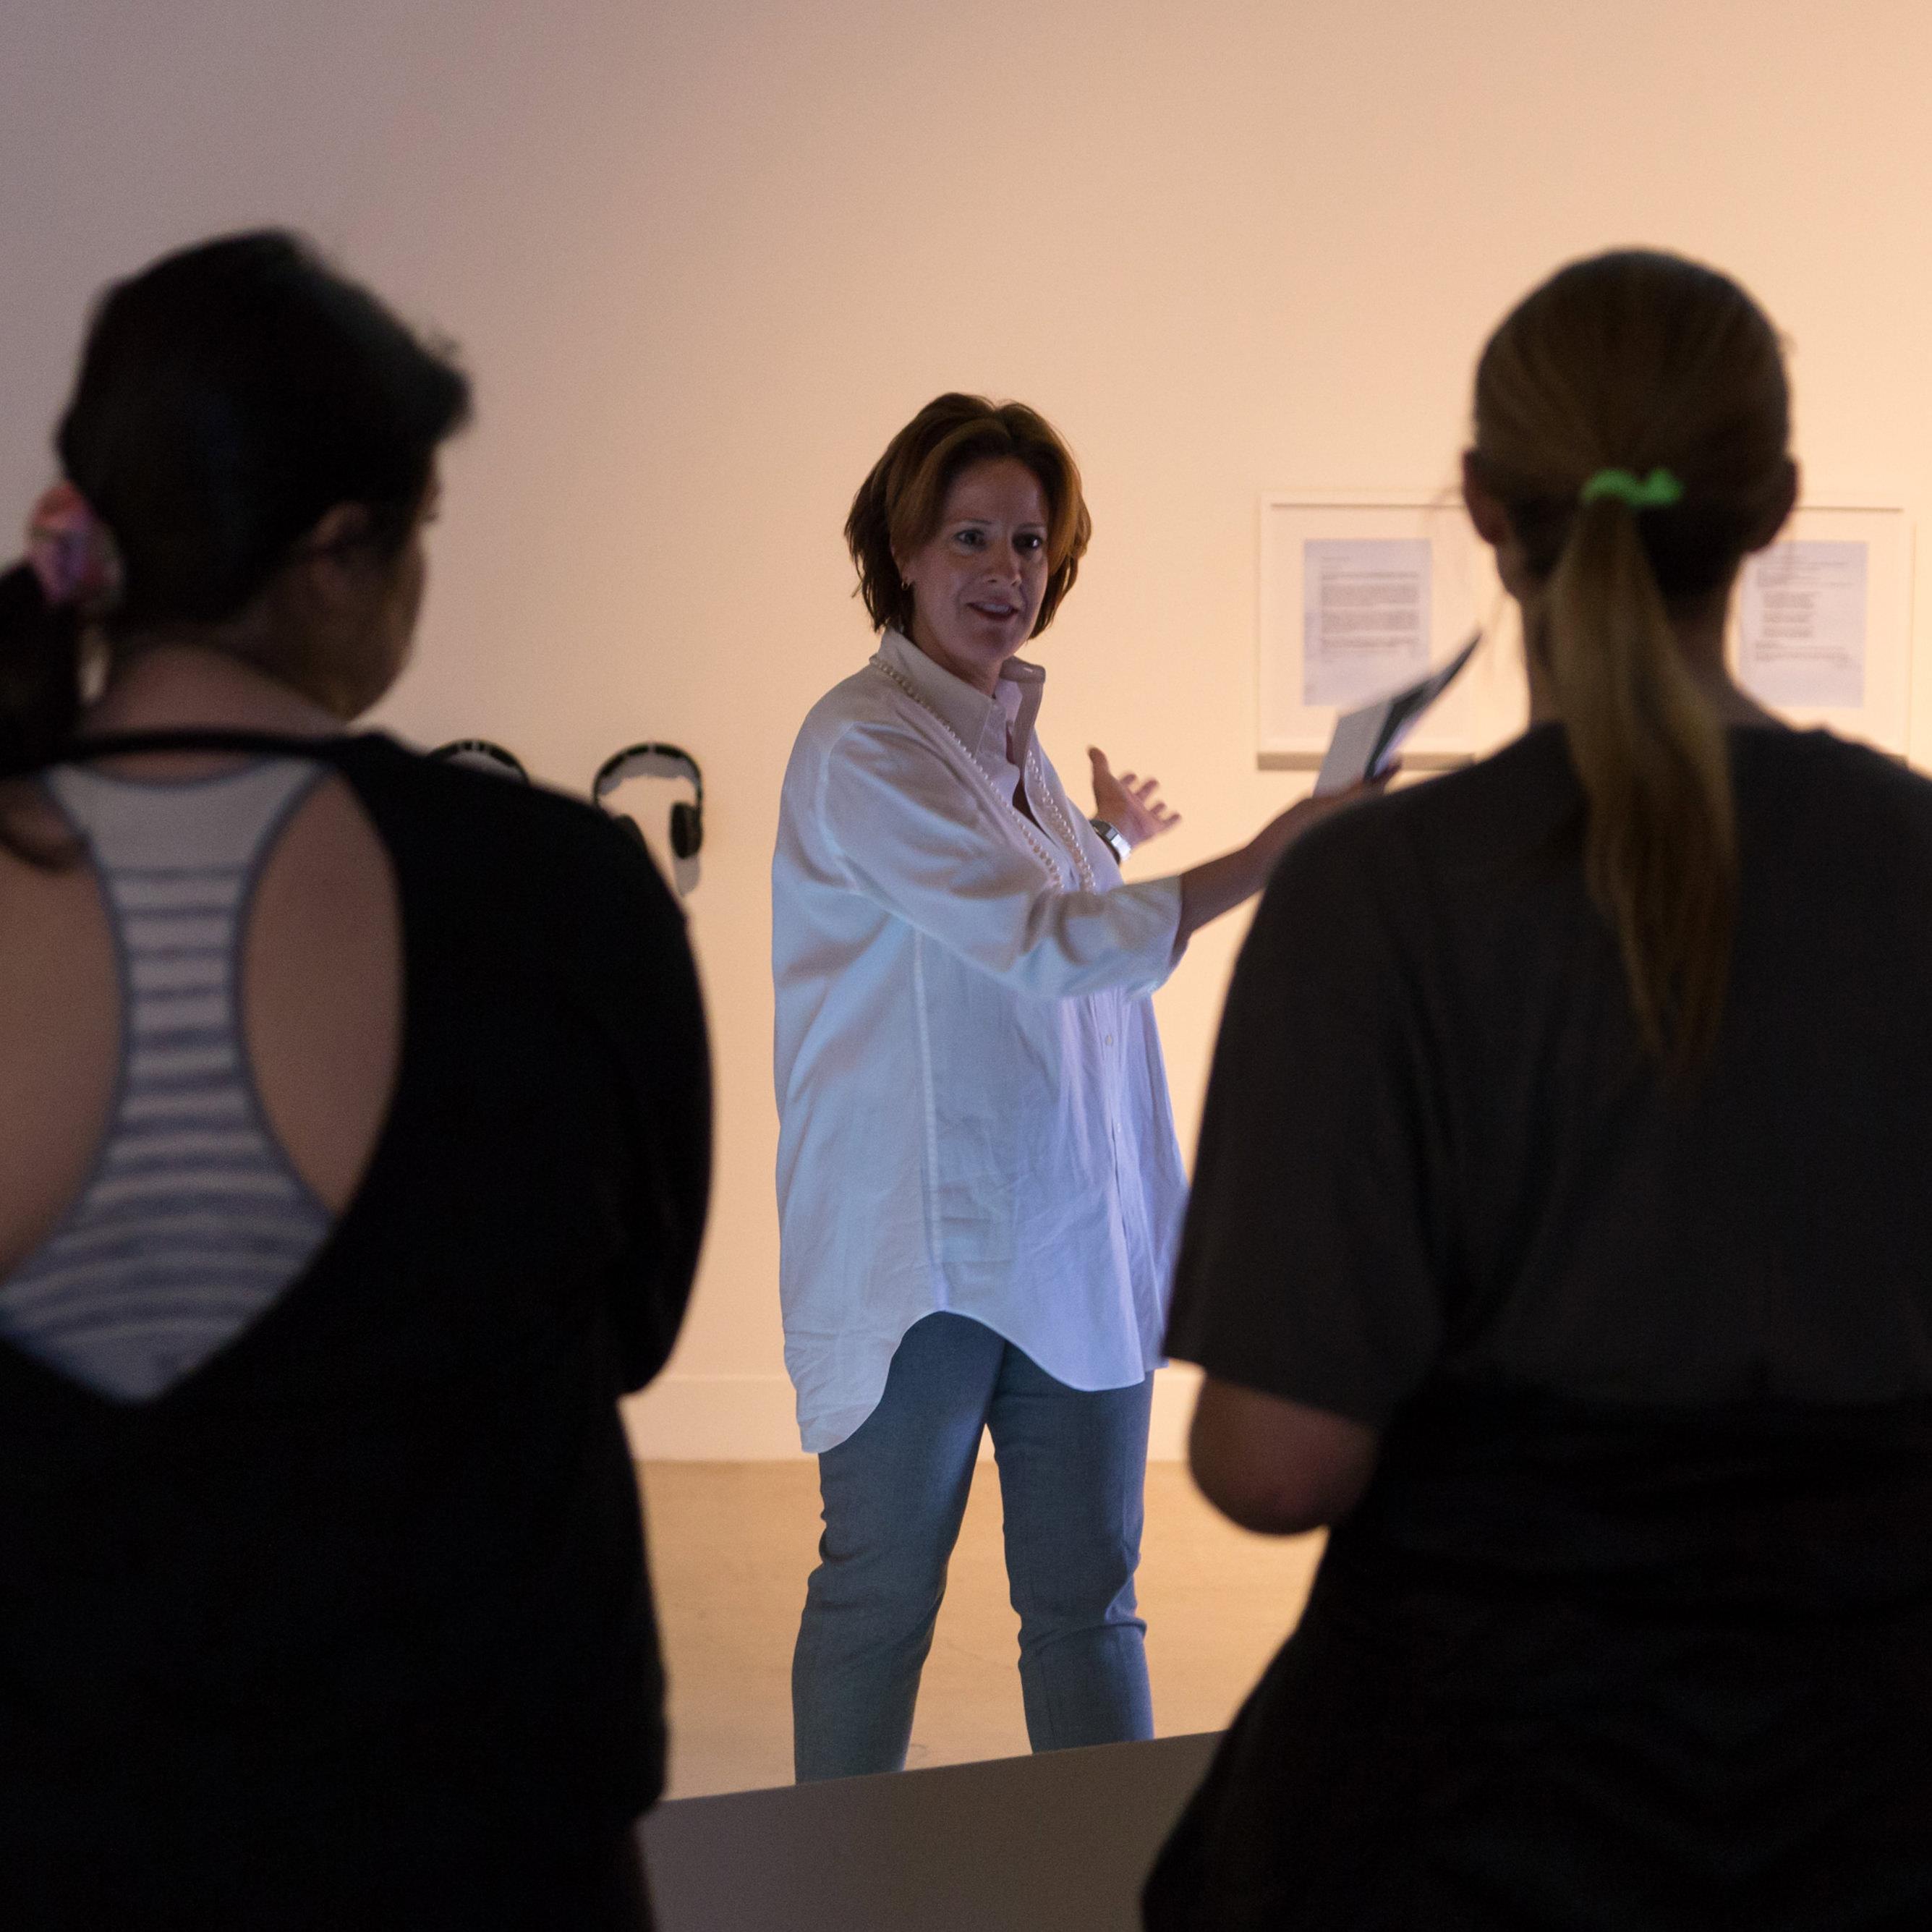 Shannon Cavanagh teaching a class in the visual arts center